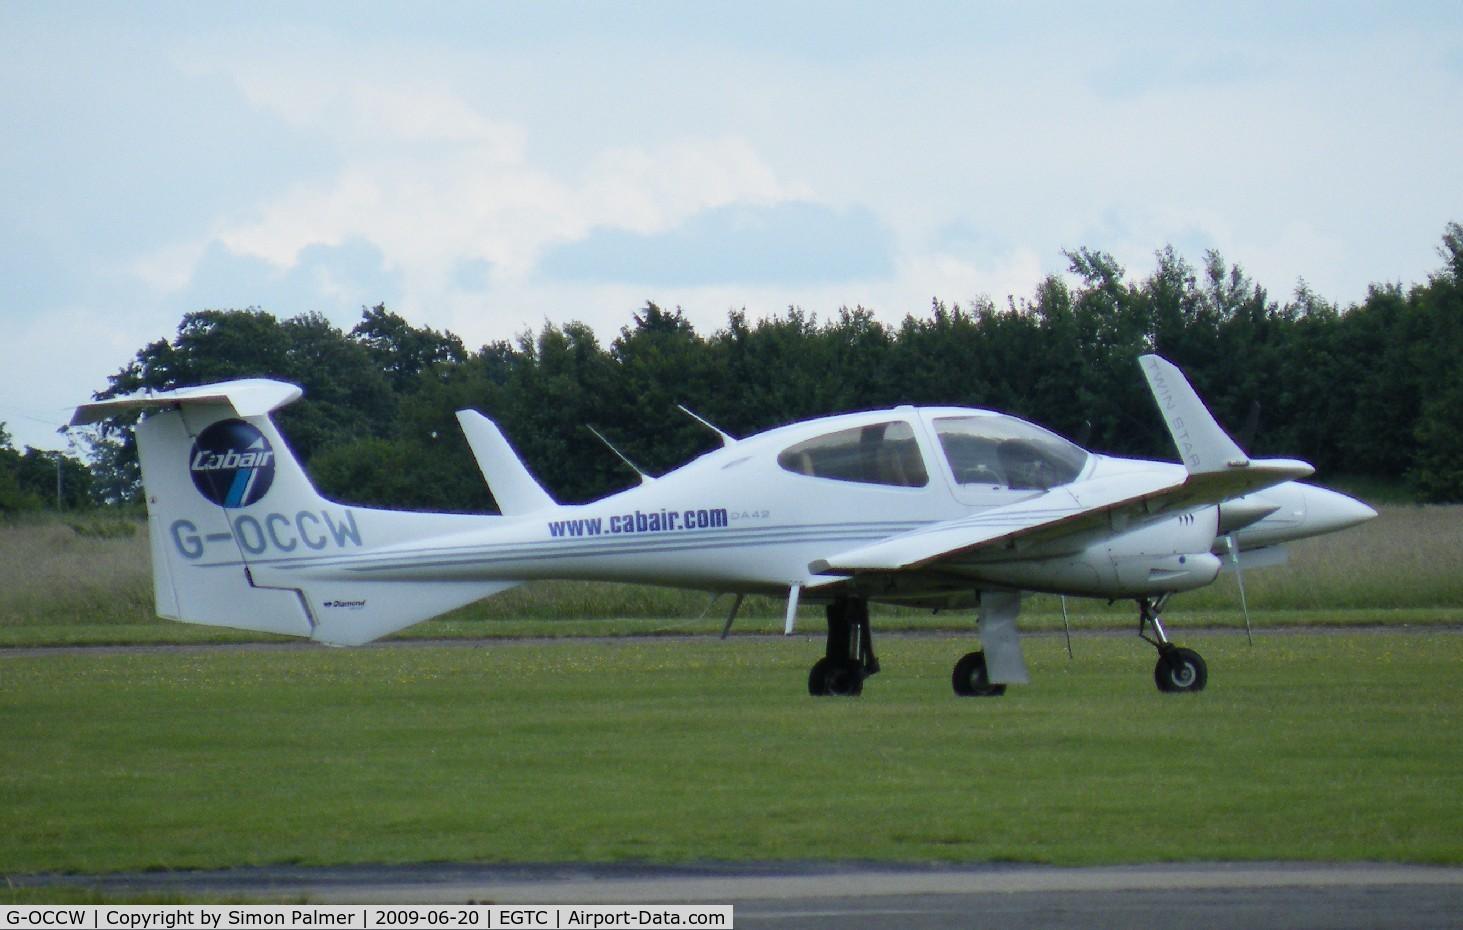 G-OCCW, 2006 Diamond DA-42 Twin Star C/N 42.154, DA42 based at Cranfield